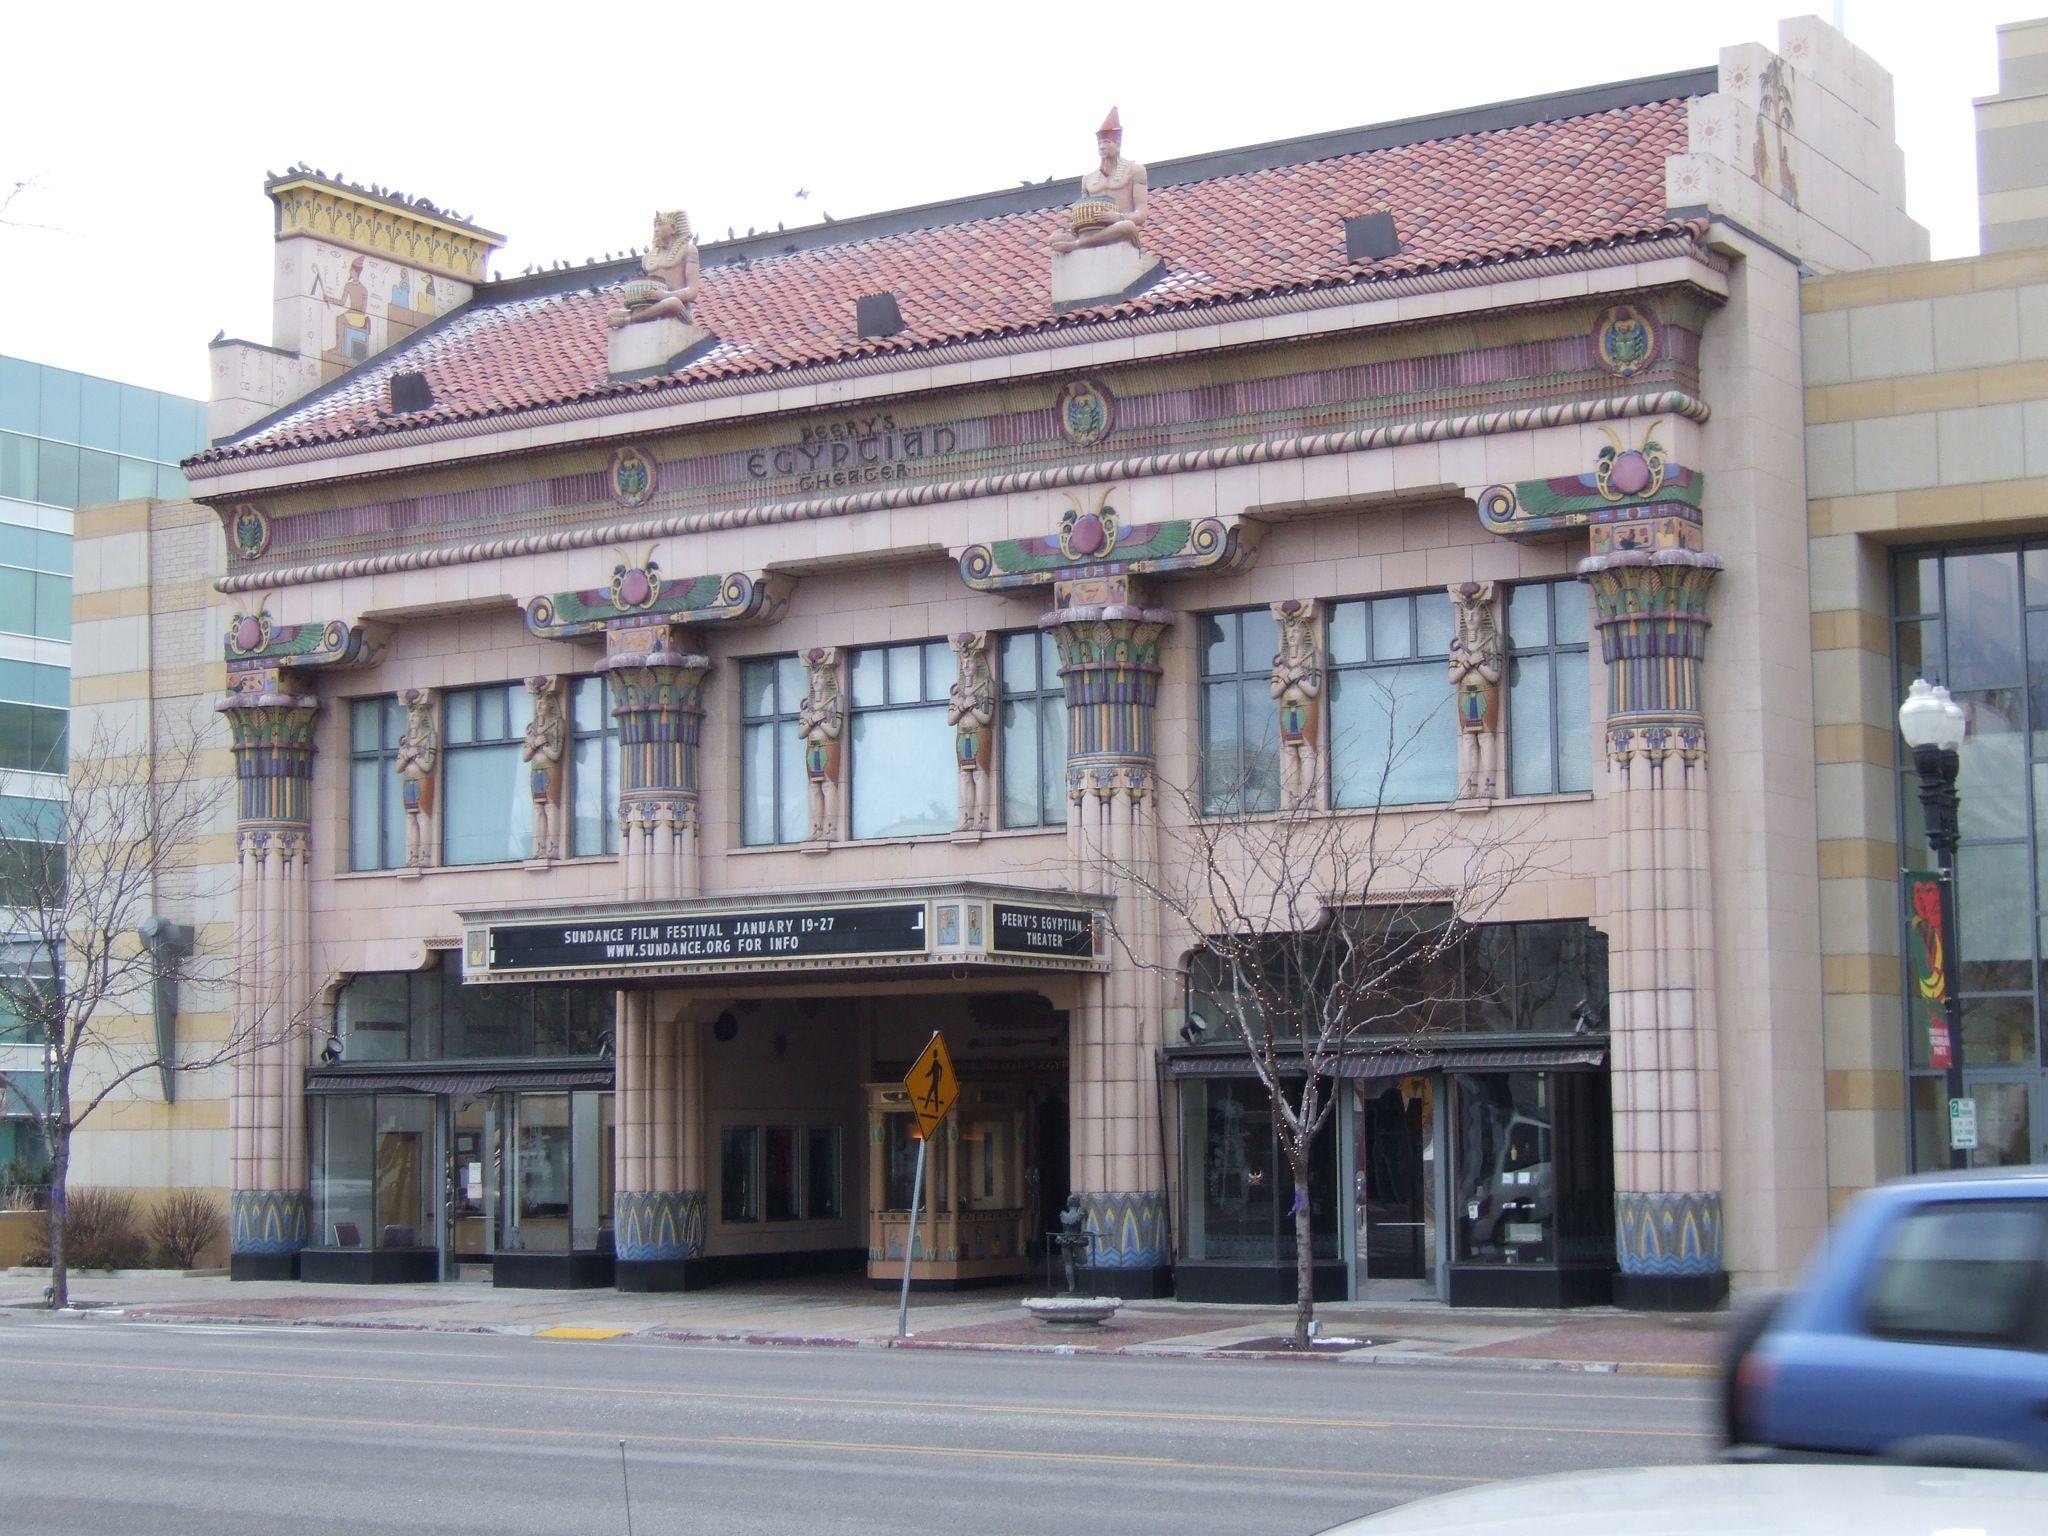 Peery S Egyptian Theater Ogden Utah Spent Many Childhood Hours